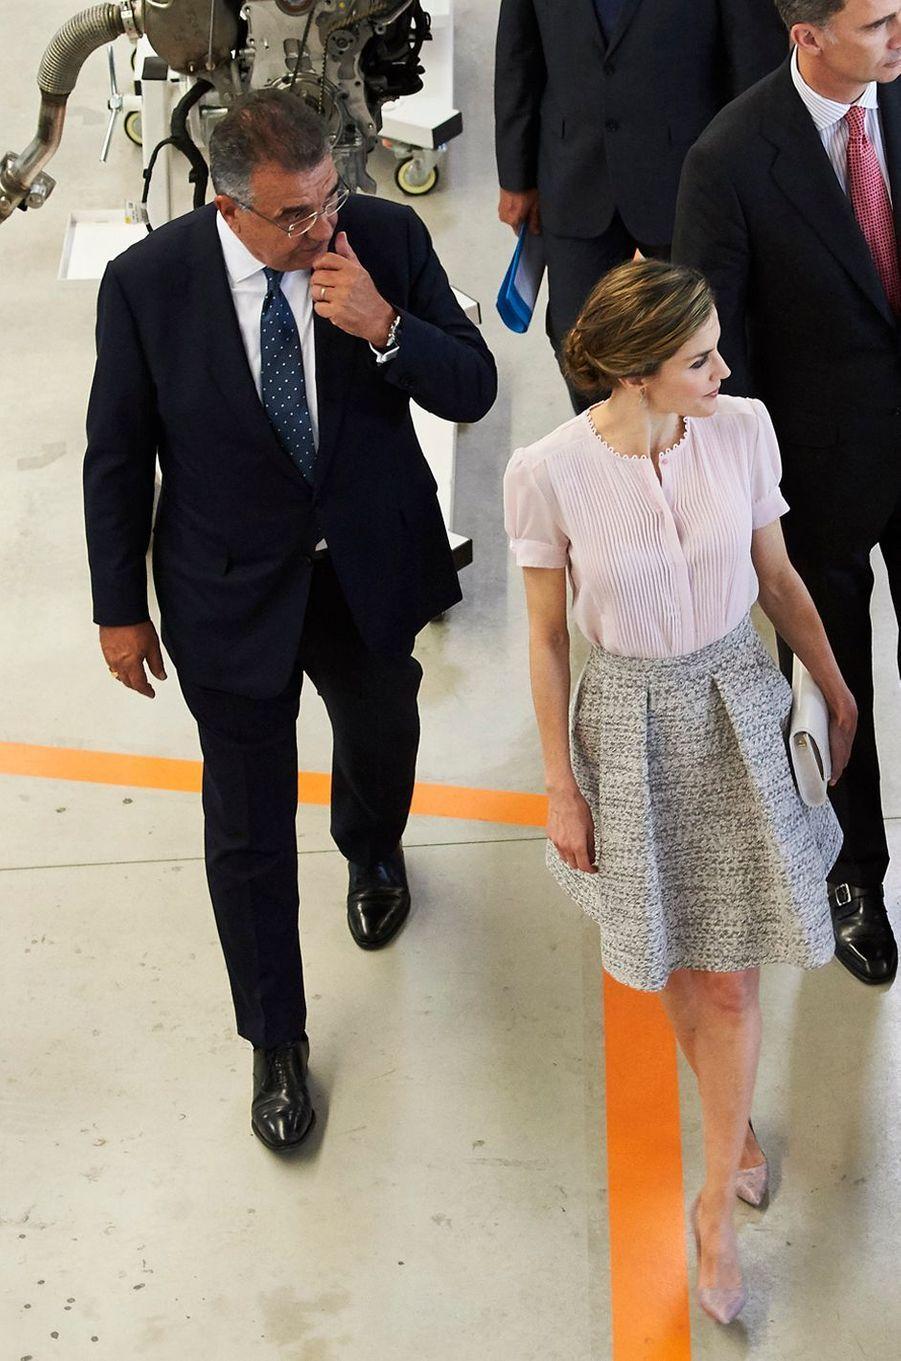 La reine Letizia et le roi Felipe VI d'Espagne dans l'usine Volkswagen de Pampelune, le 29 juin 2016